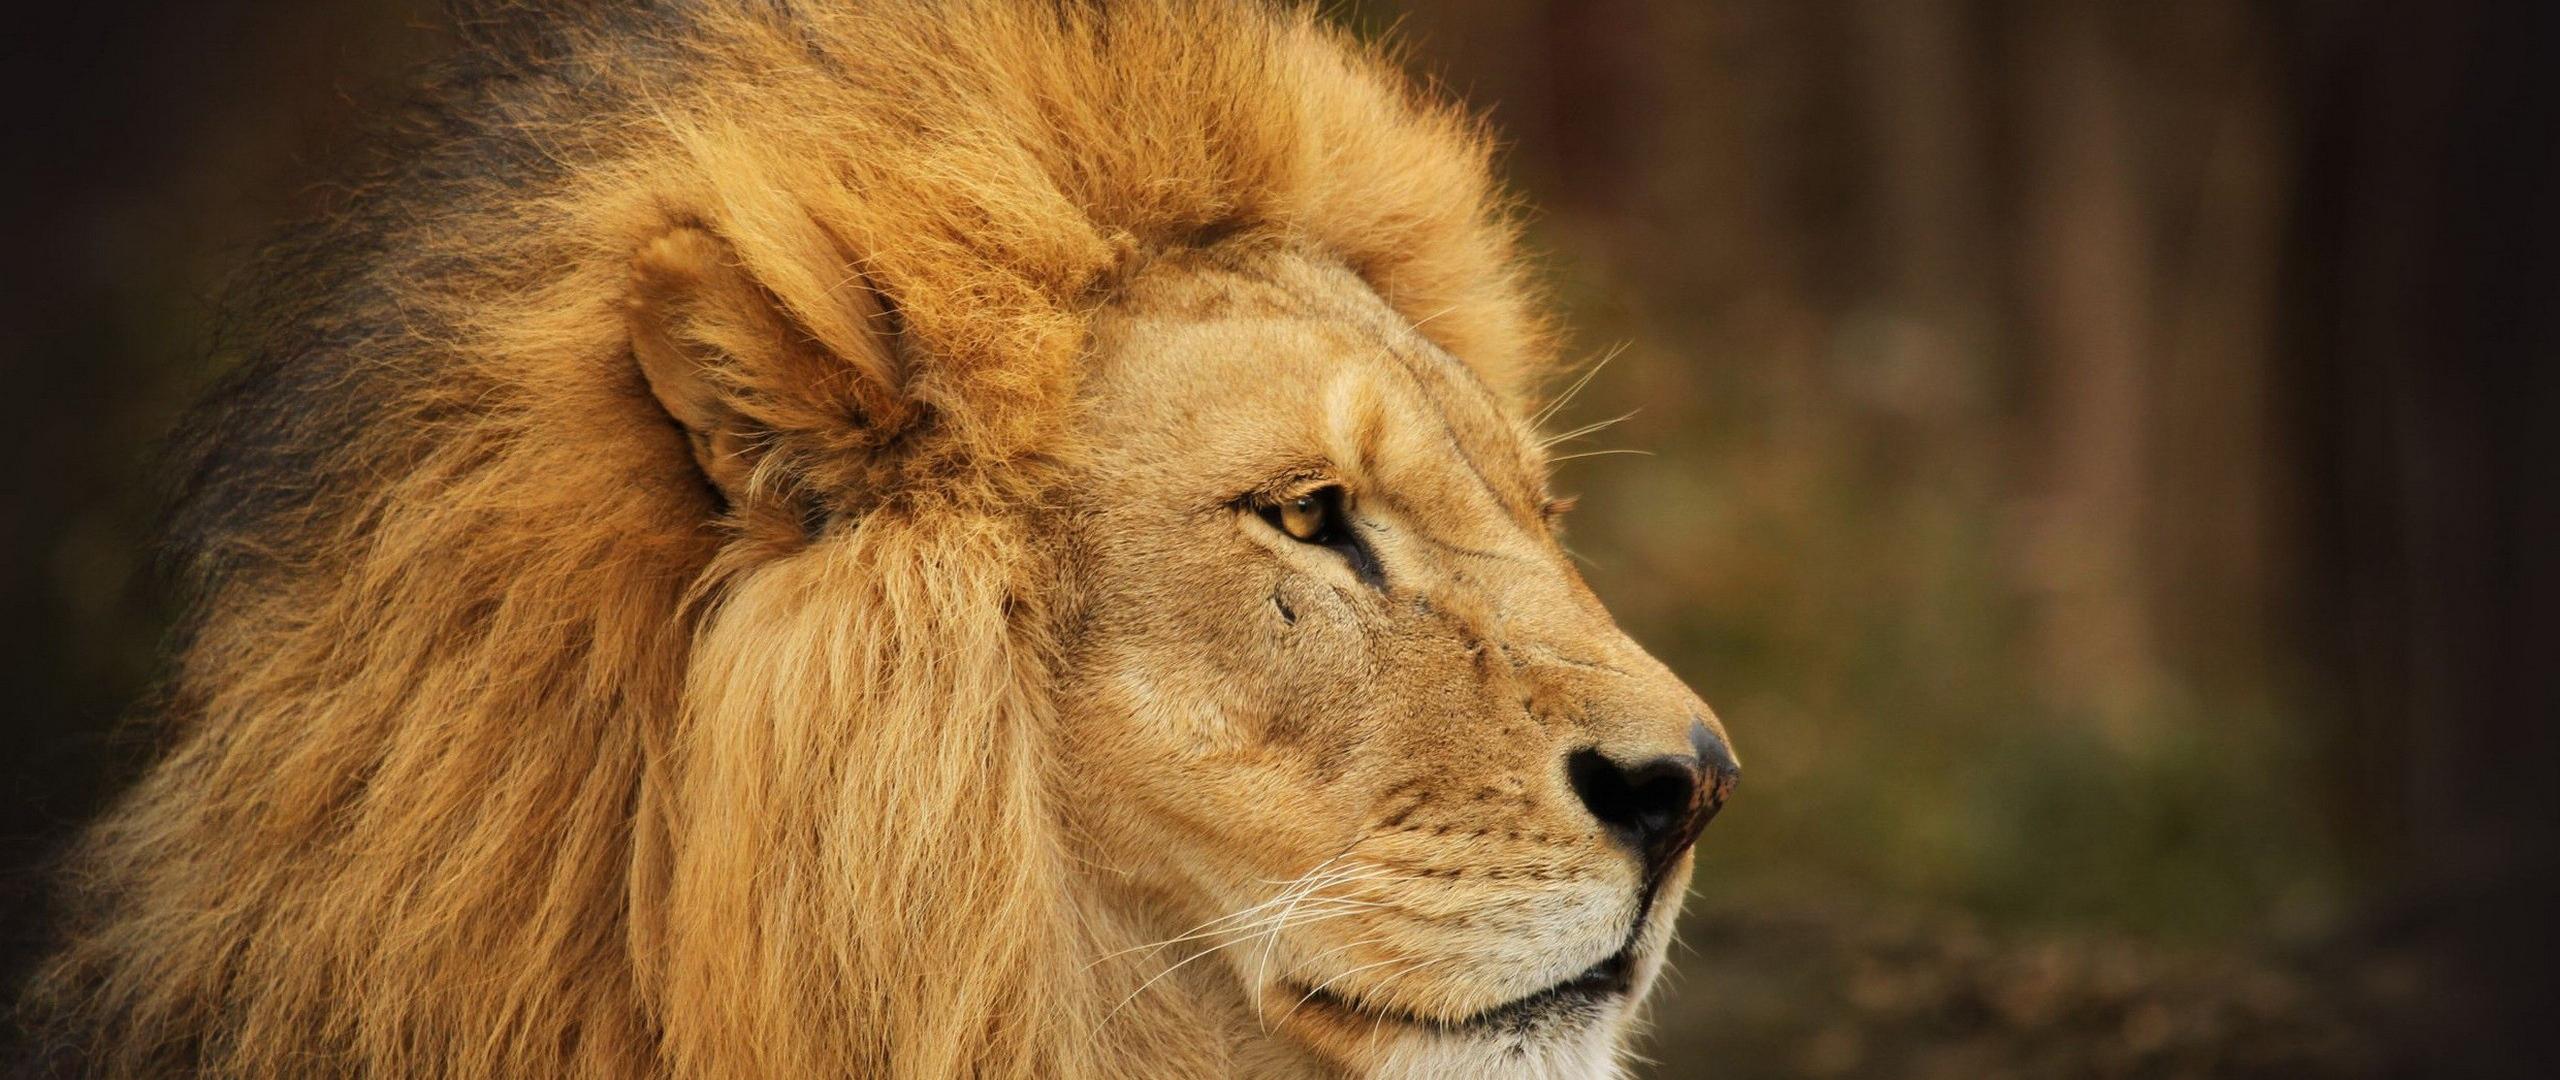 8k Animal Wallpaper Download: Free Lion Face Images, Download Free Clip Art, Free Clip